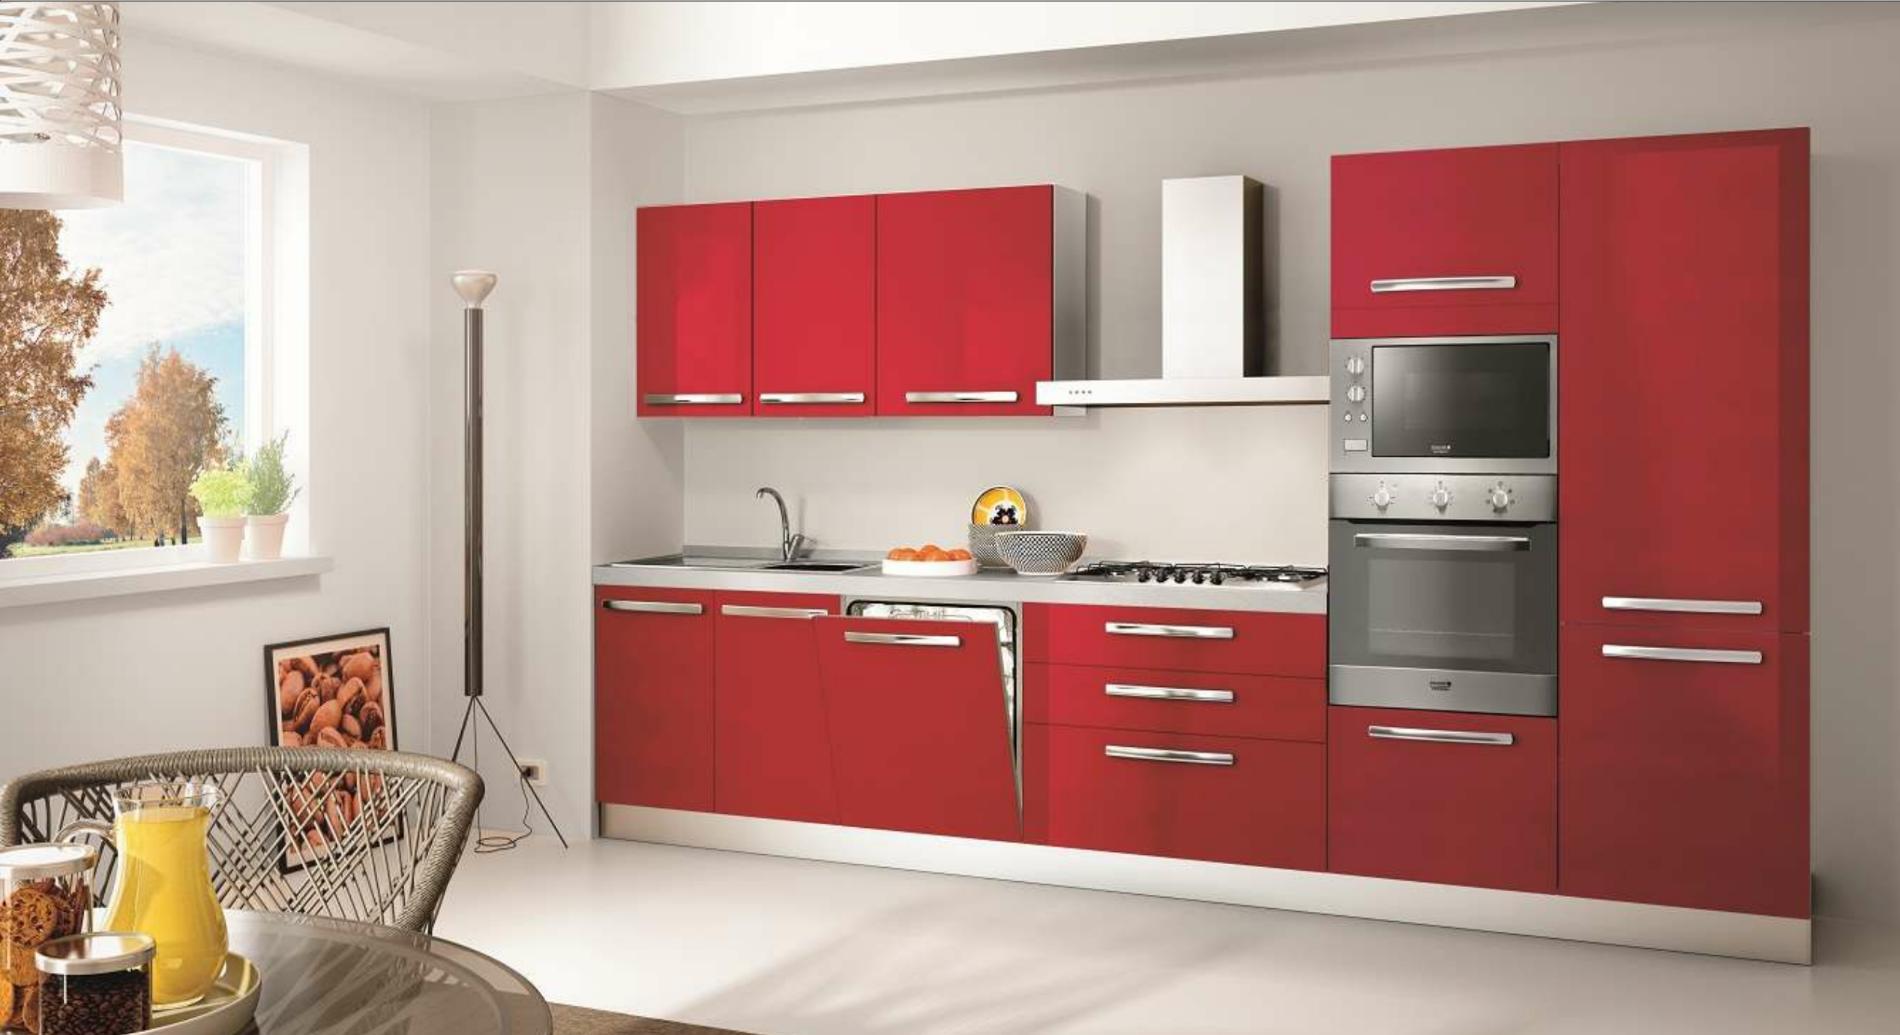 Mobilturi cucine cucina cucina modello gaia cucine a - Gaia mobili bagno prezzi ...